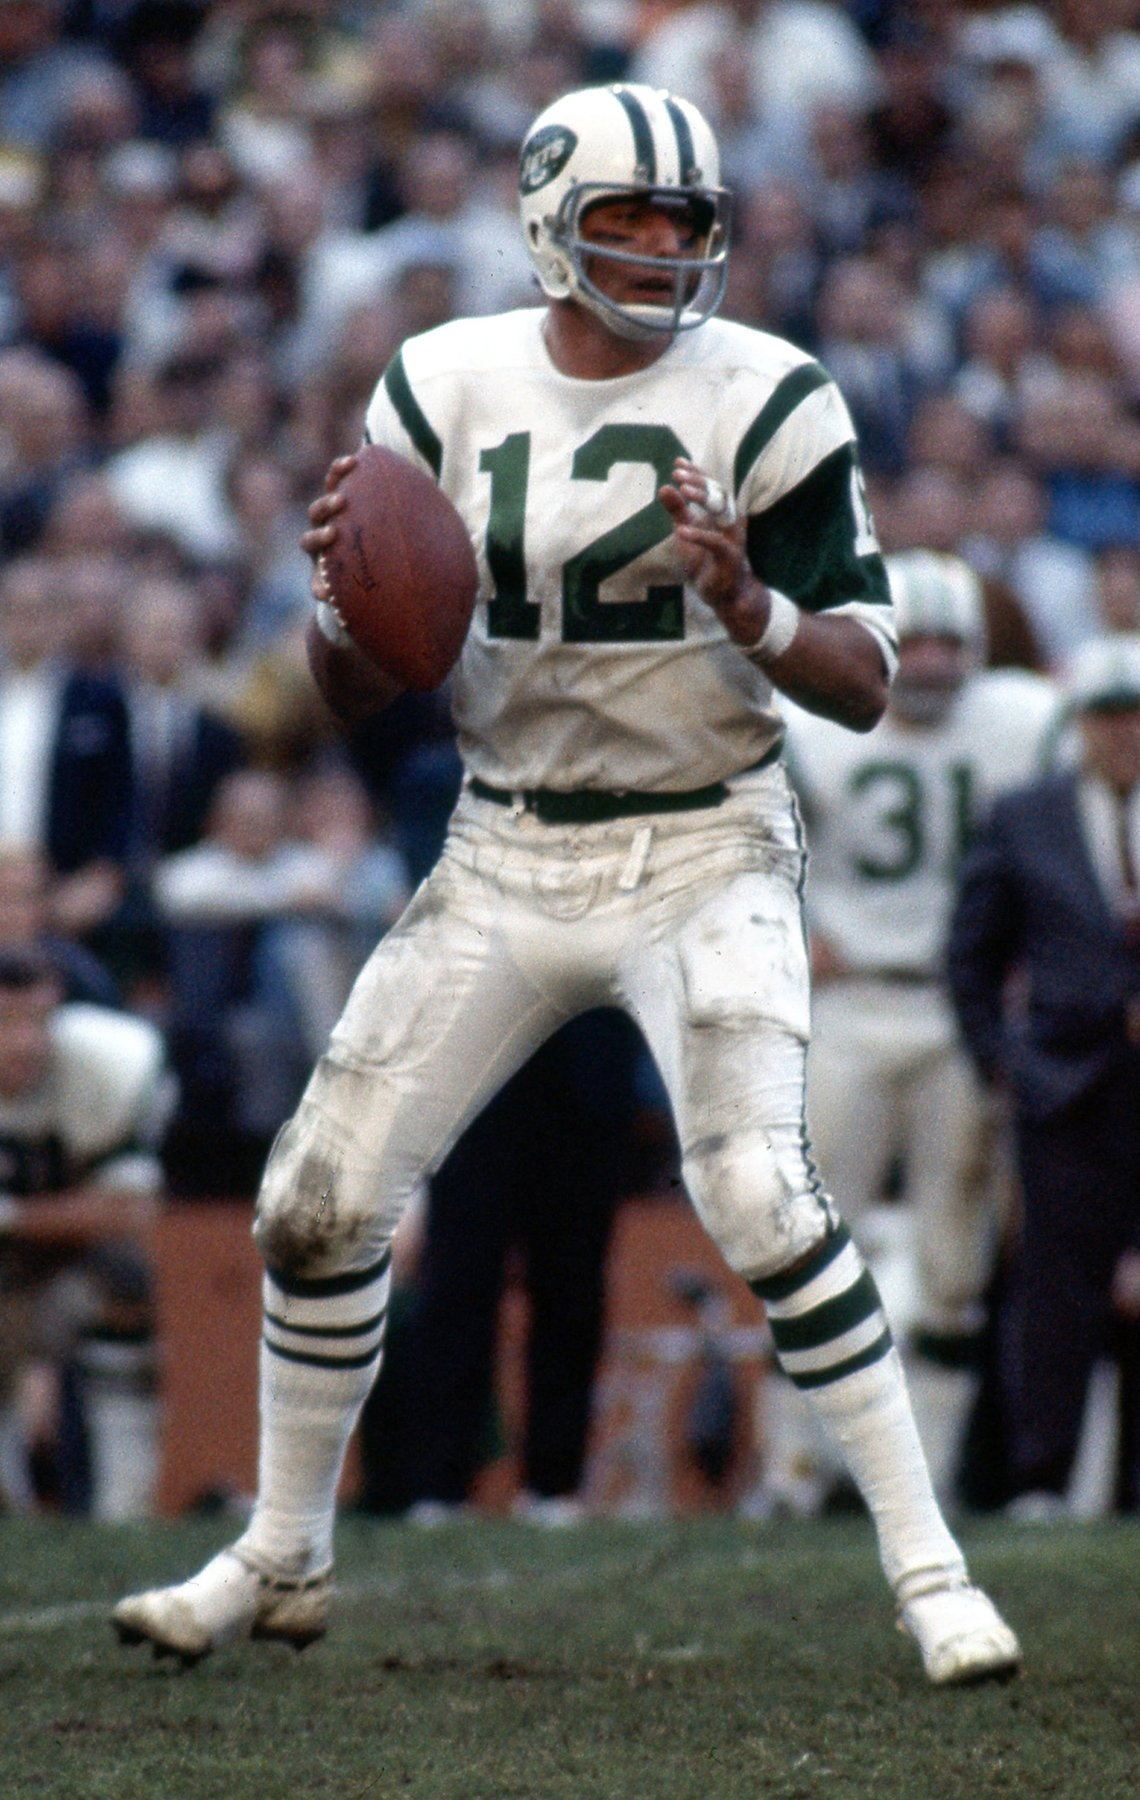 N F L Jets quarterback Joe Namath